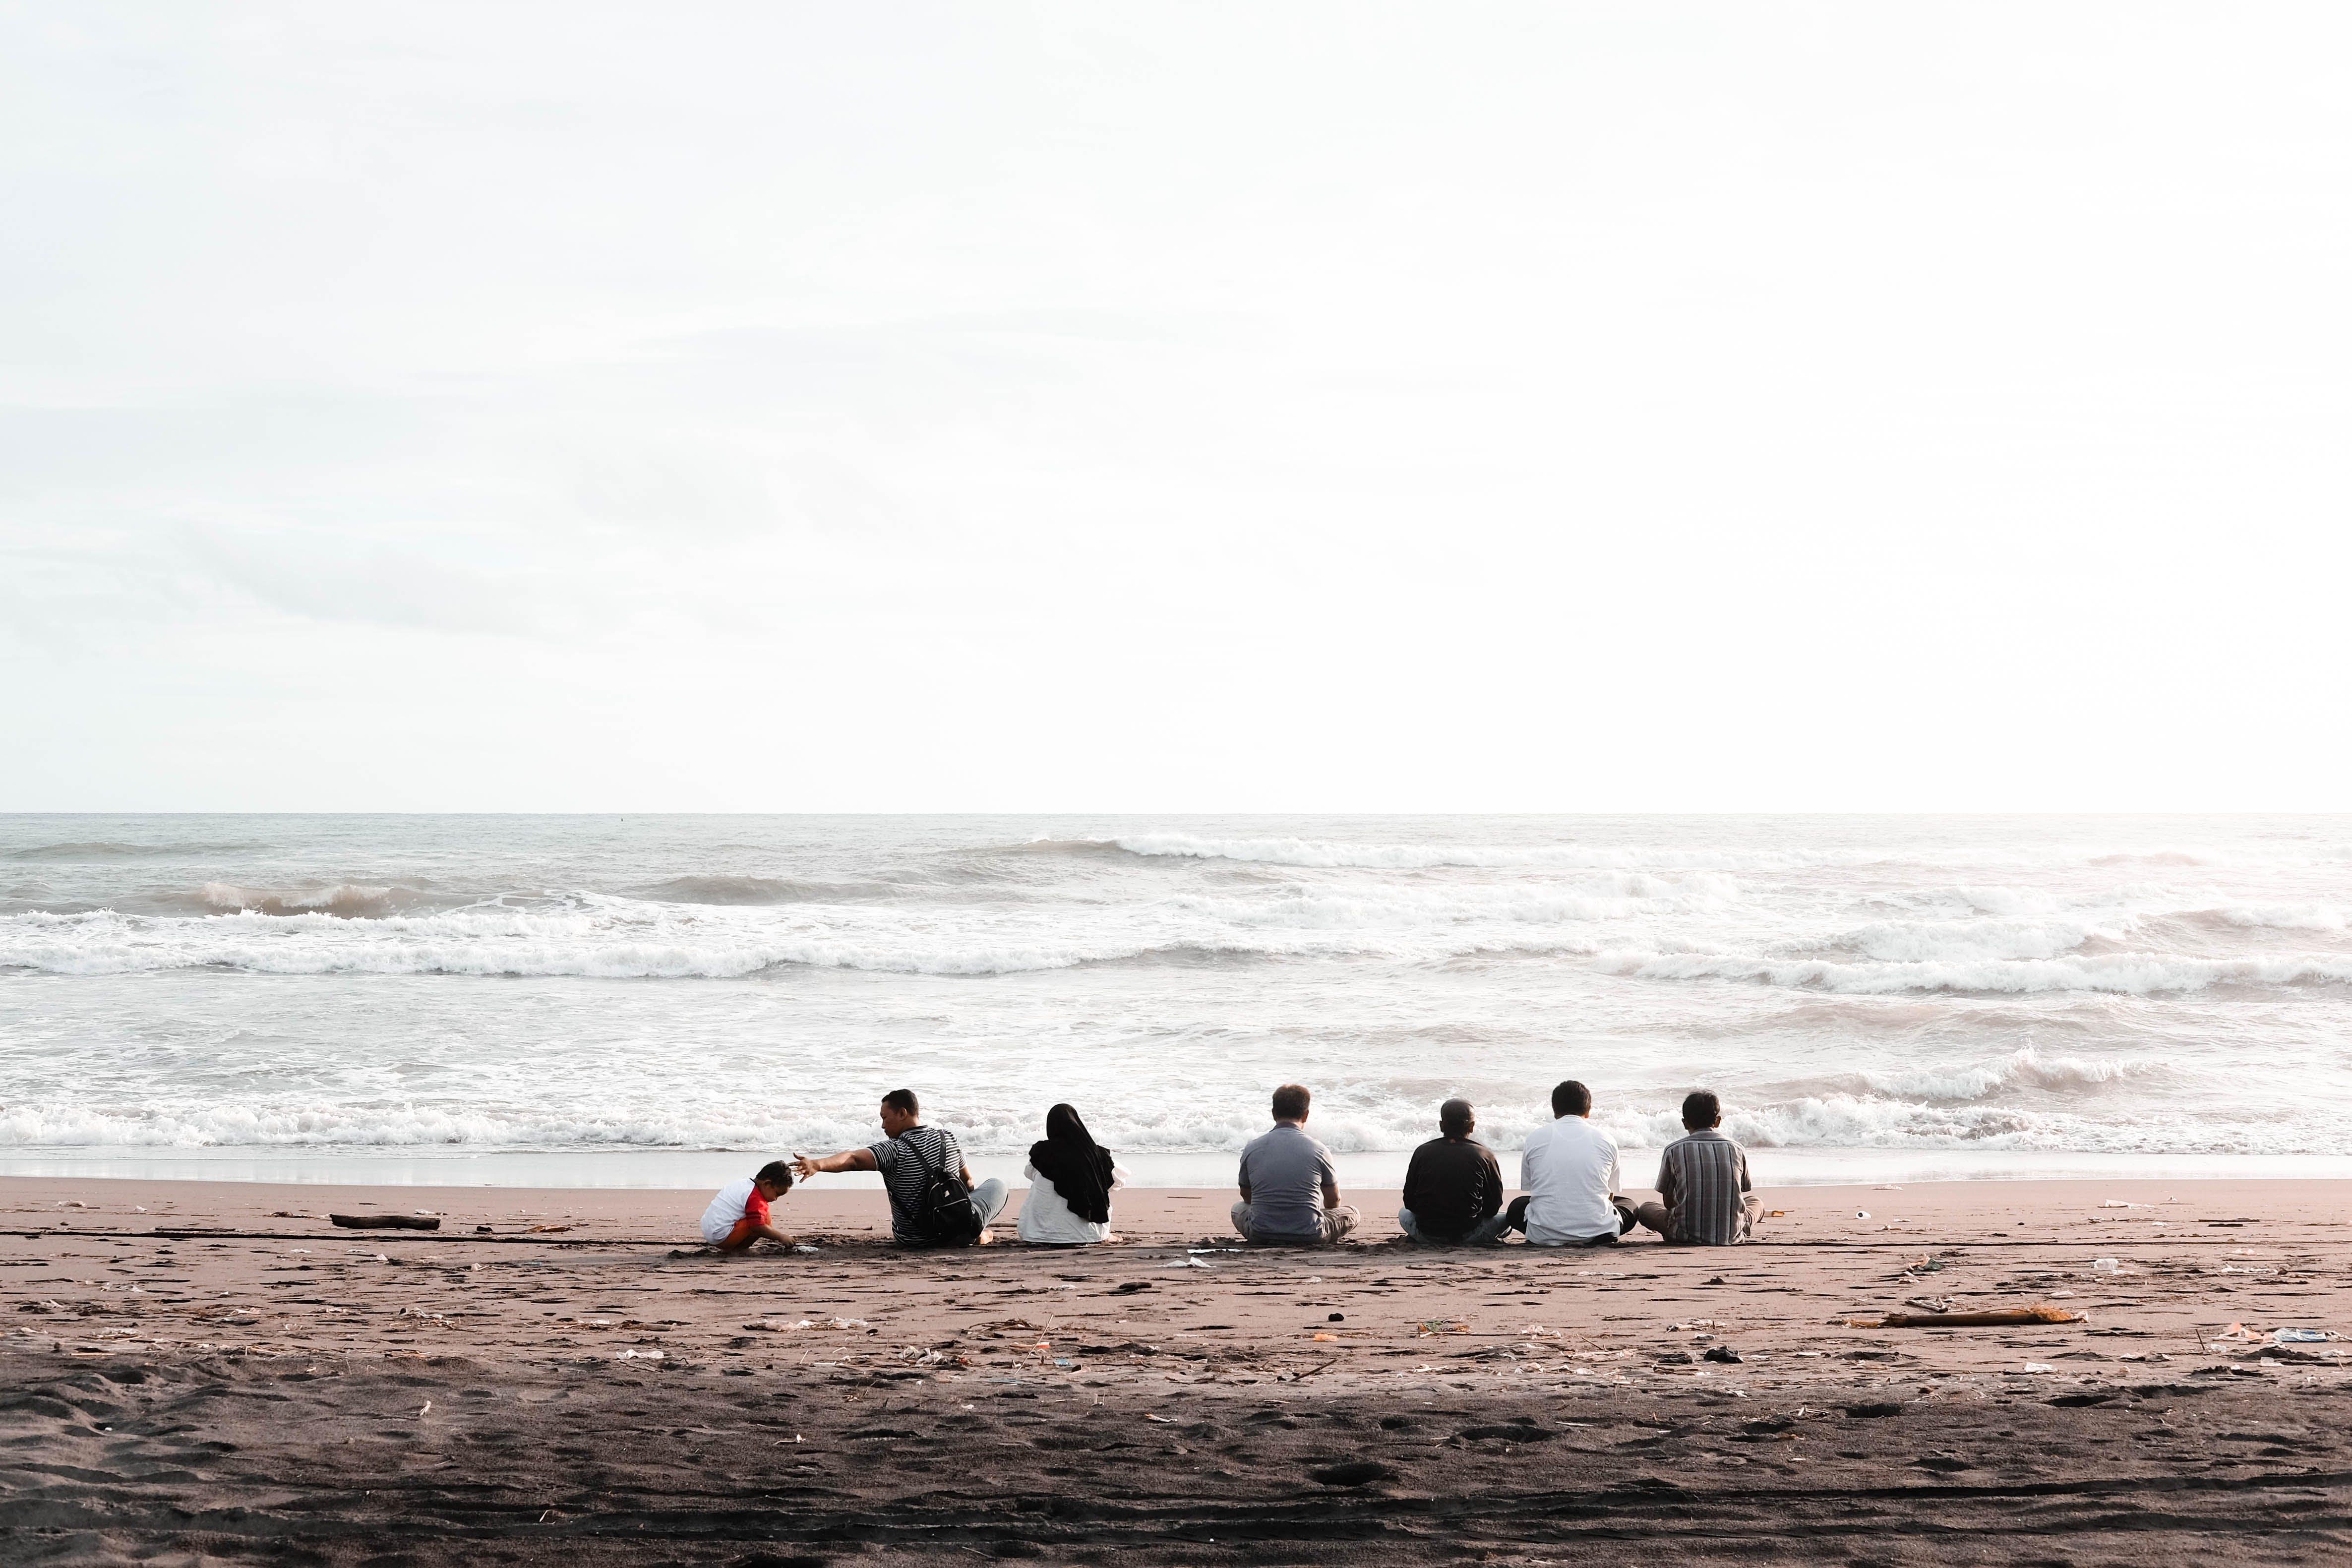 シースケープ, ビーチ, ビーチライフ, 岸の無料の写真素材